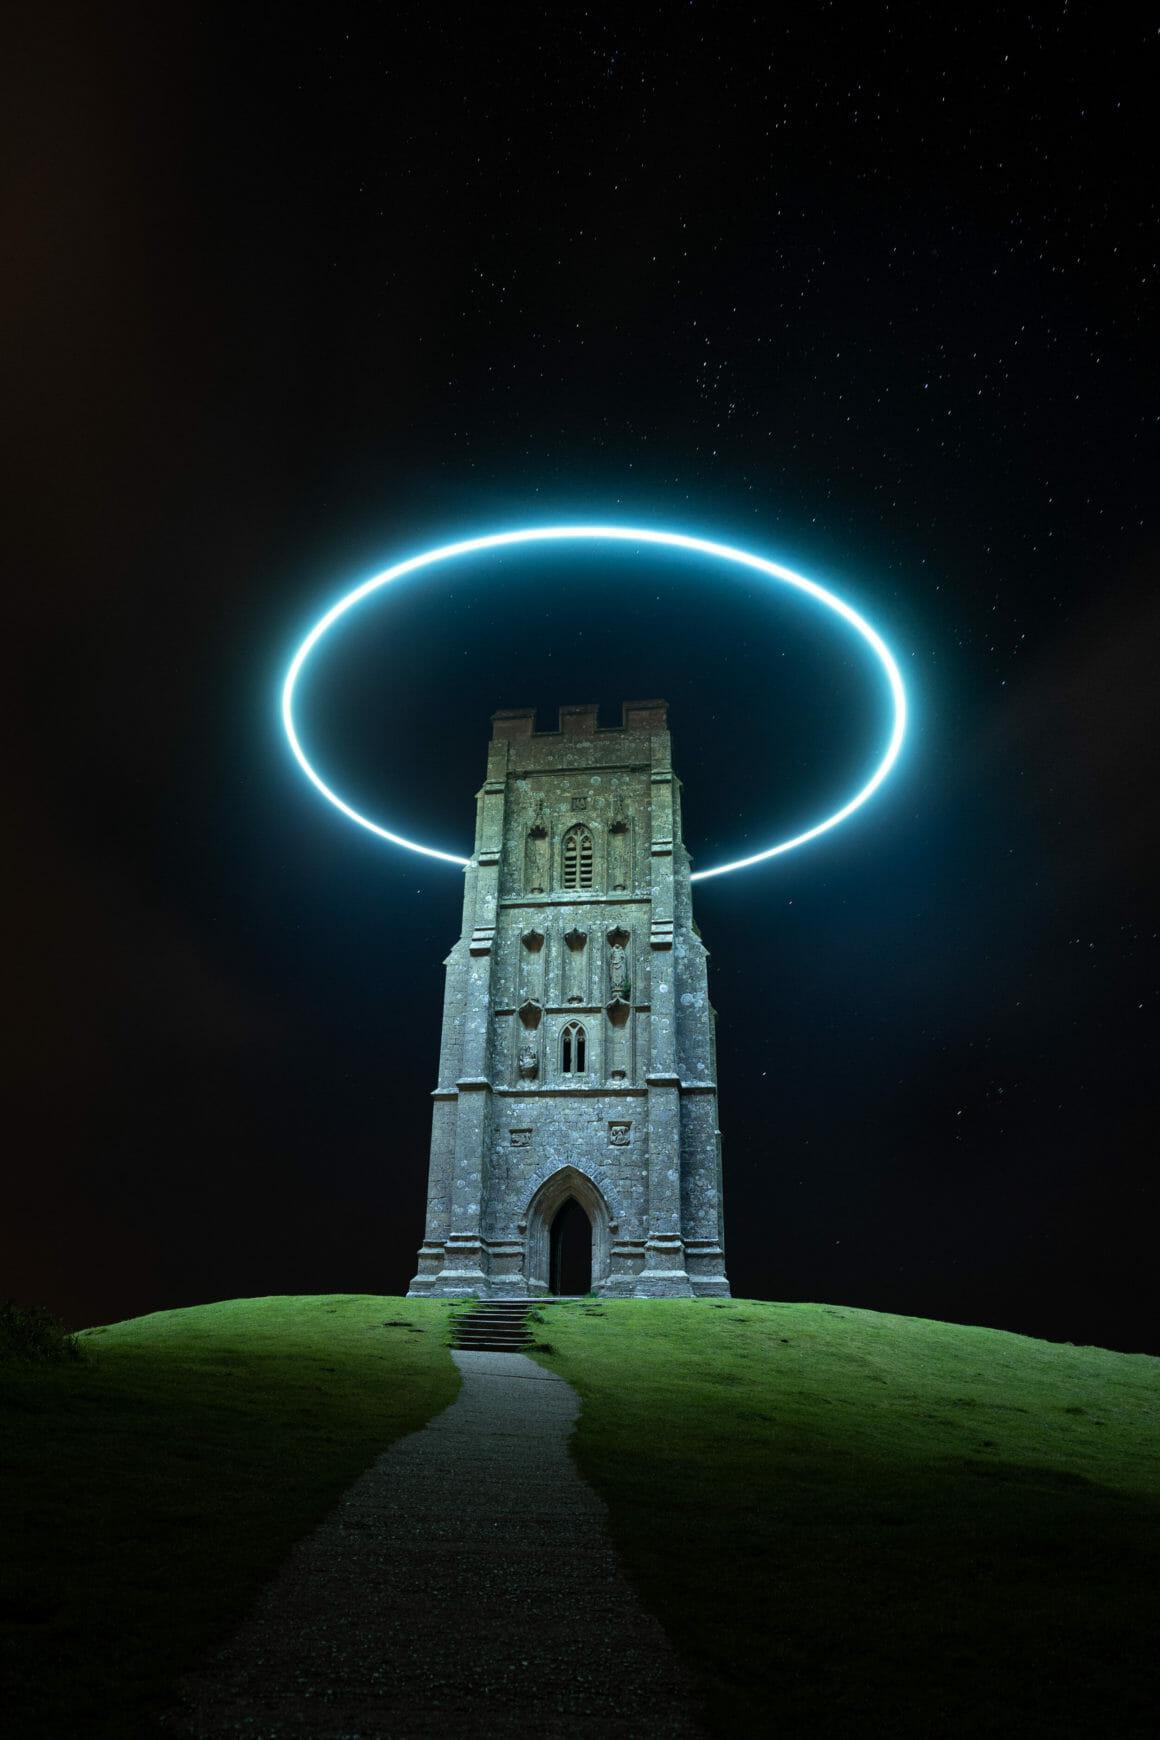 la tour de glastonbury photographié de nuit, entourée d'un halo lumineux qui l'éclaire